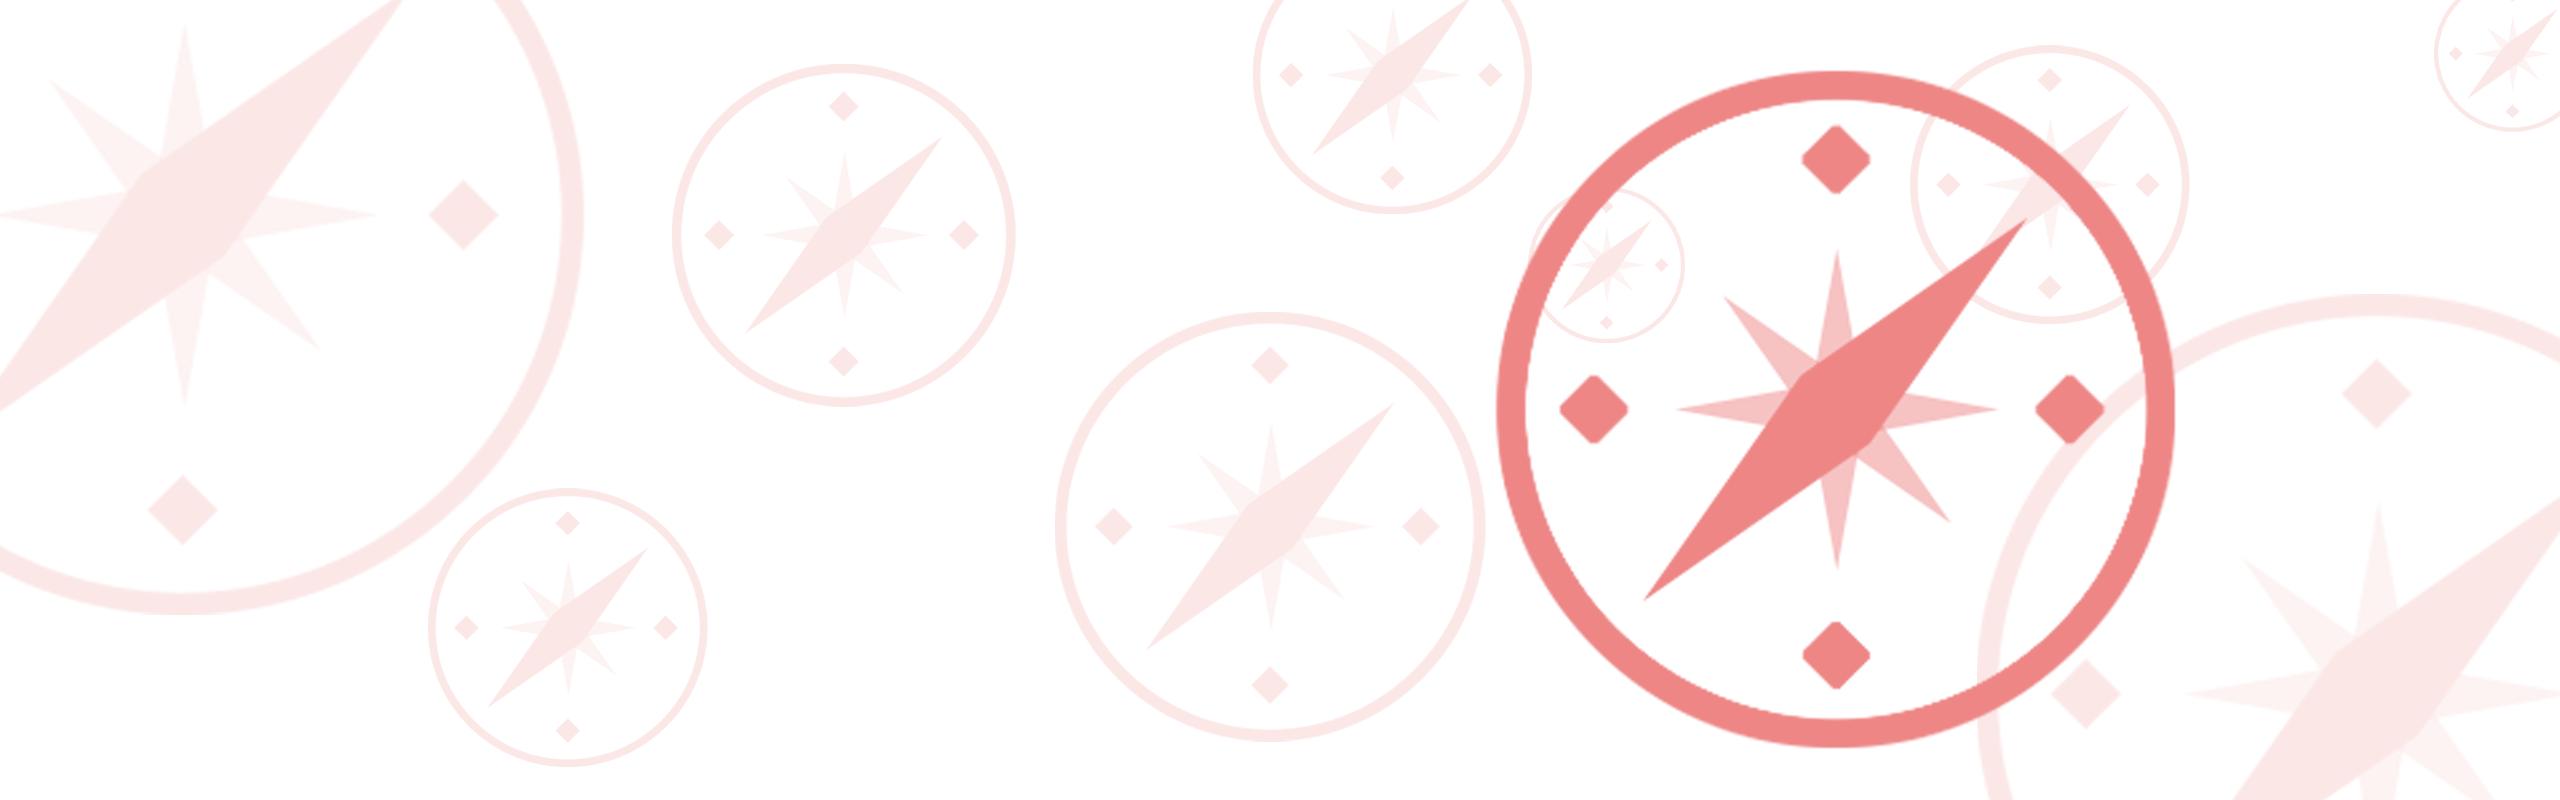 Faq Questions Et Reponses Sur Votre Nouvel Espace Comptes